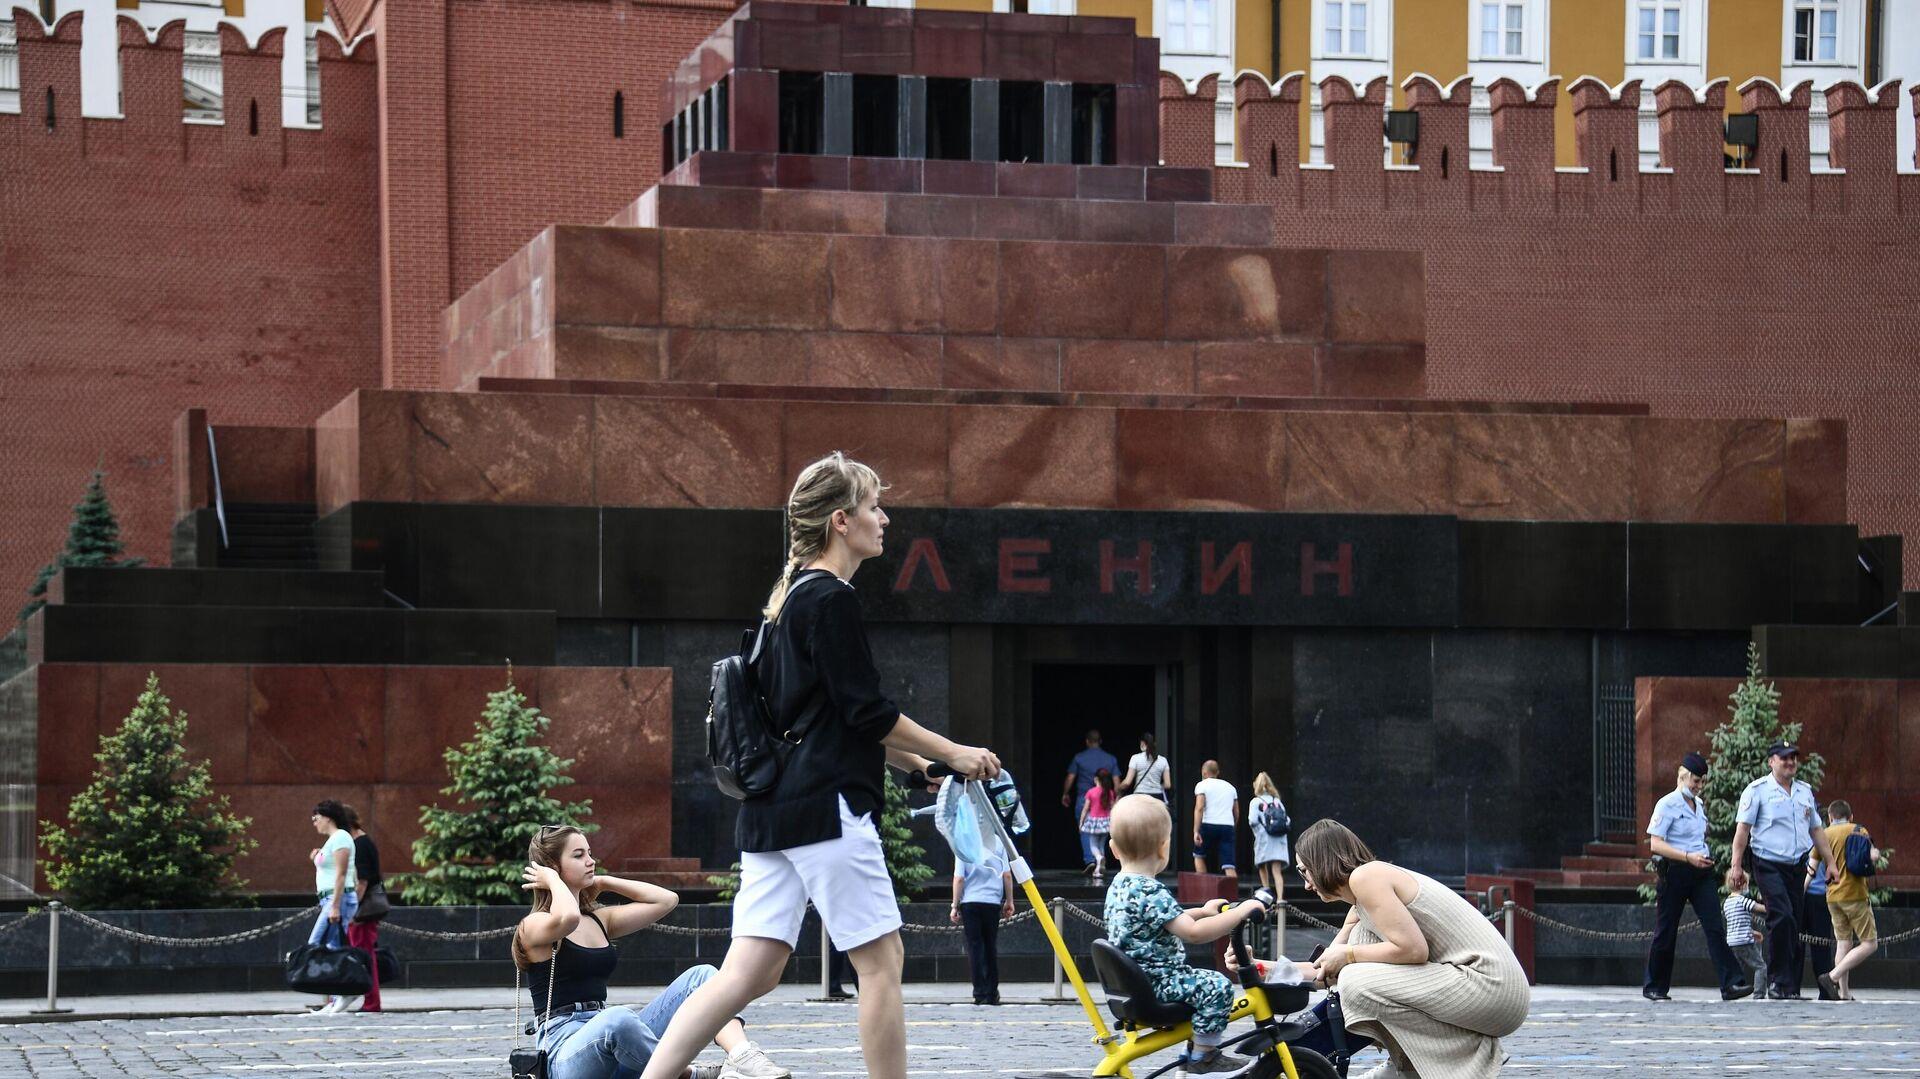 Мавзолей открылся для посетителей - РИА Новости, 1920, 14.09.2020